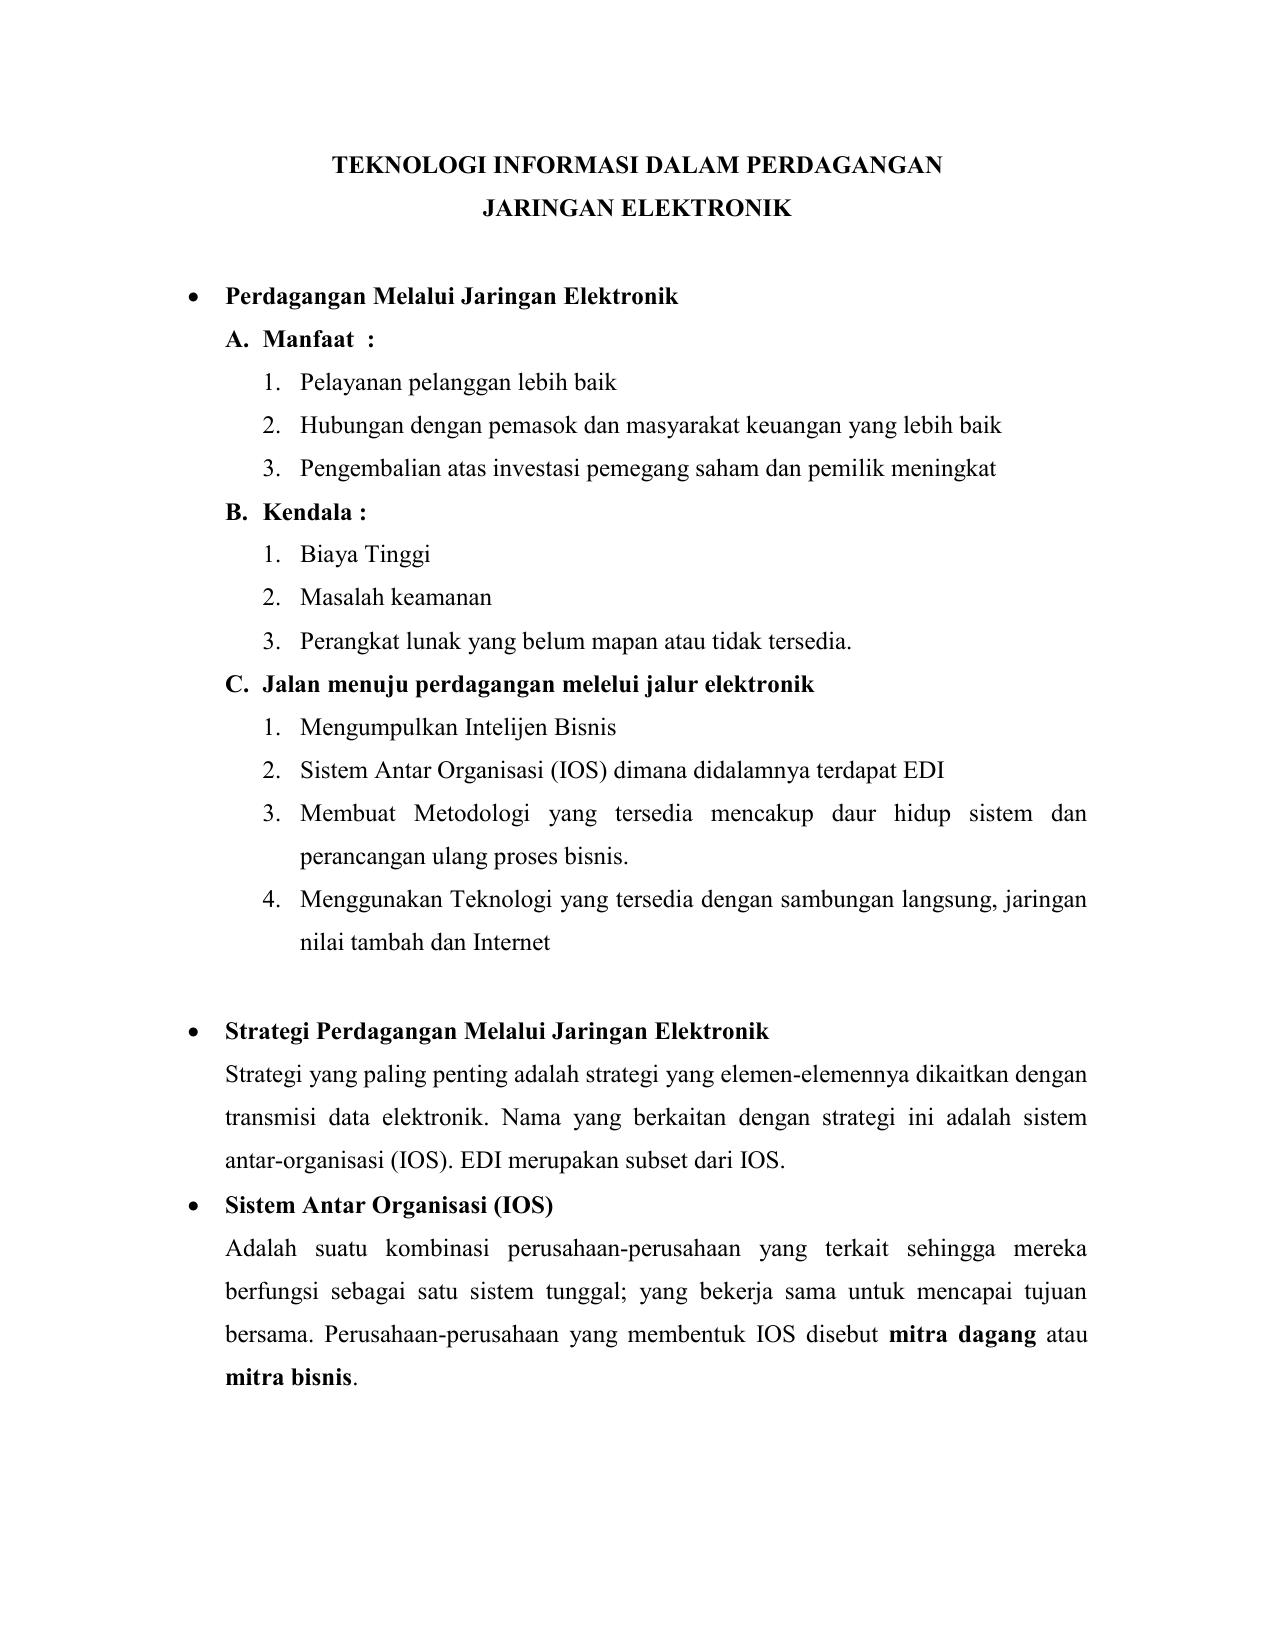 indikator grup perdagangan bjf sistem 2 perdagangan terkait